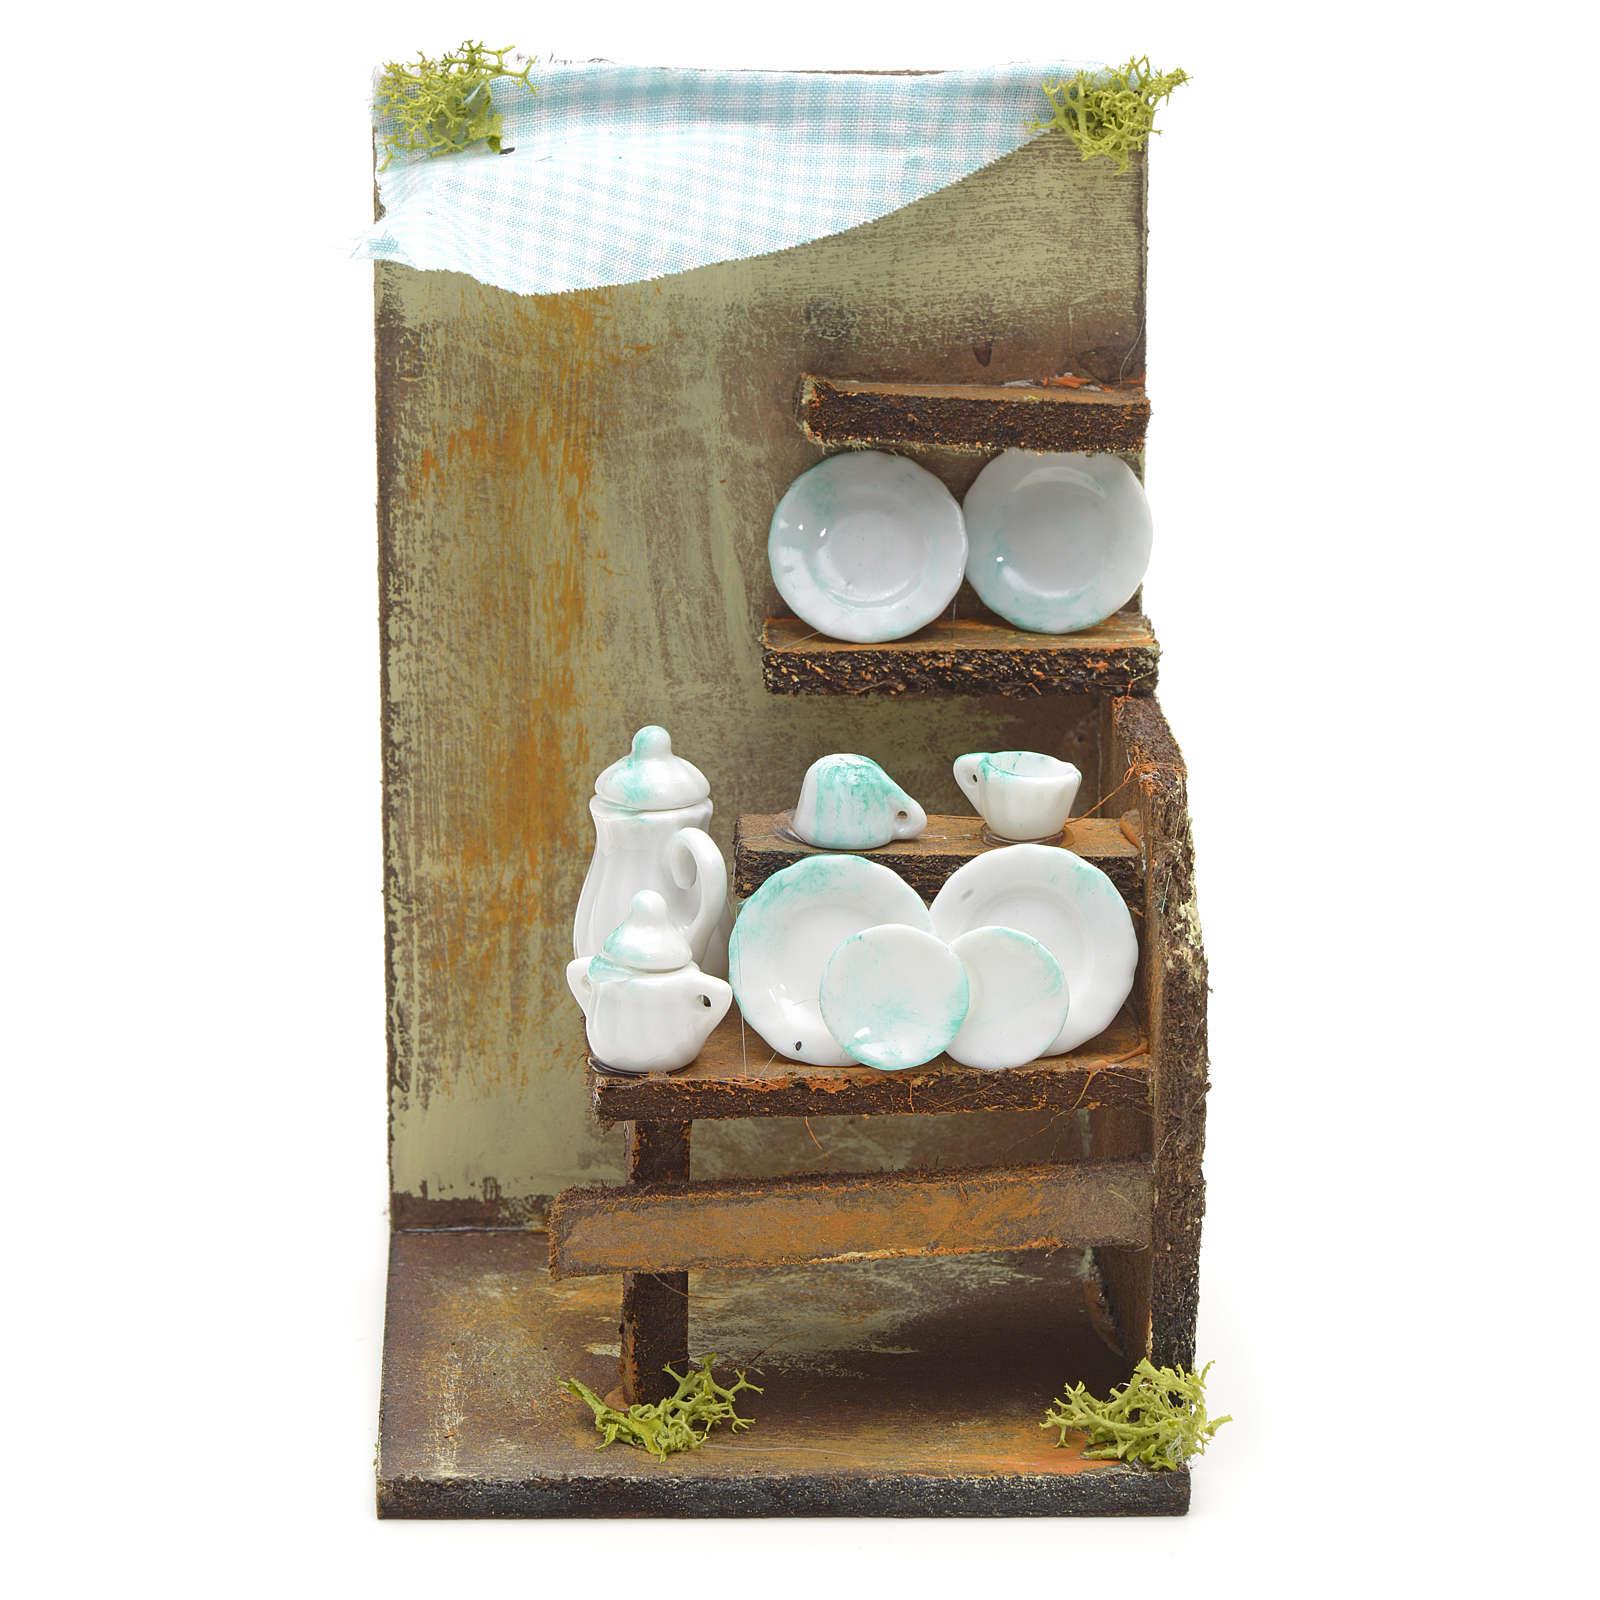 Boutique de vaisselle en miniature pour crèche 20x33x18 4